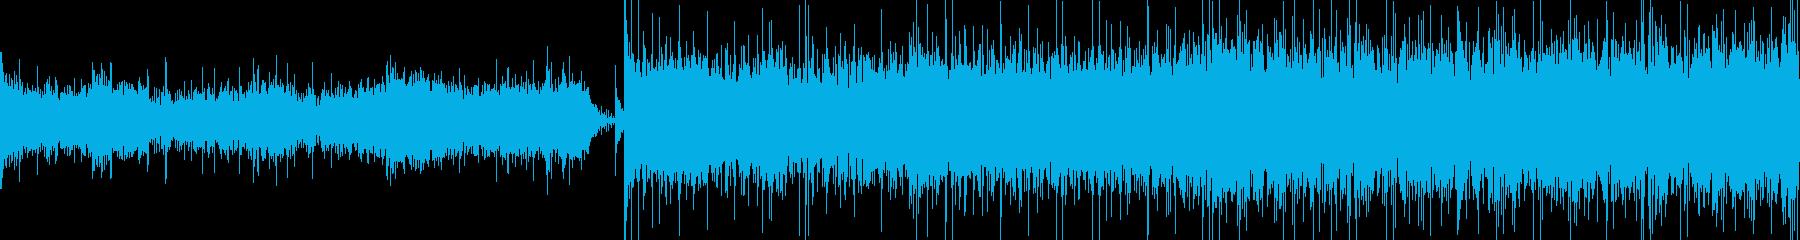 緊迫、奇襲シーン等向けのループ音源です。の再生済みの波形